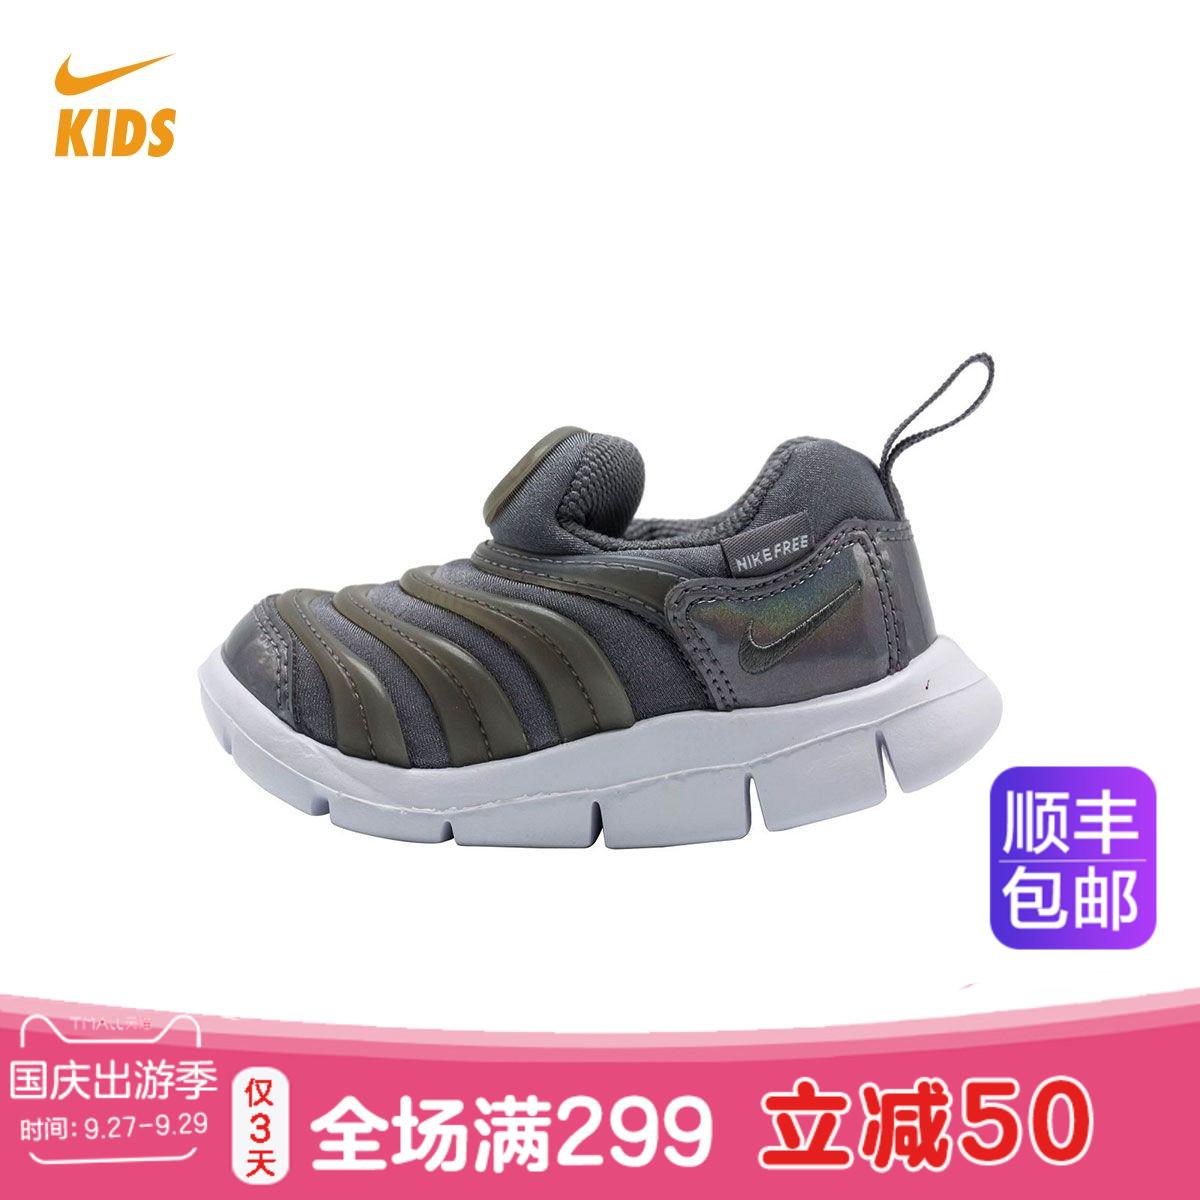 耐克毛毛虫鞋冬